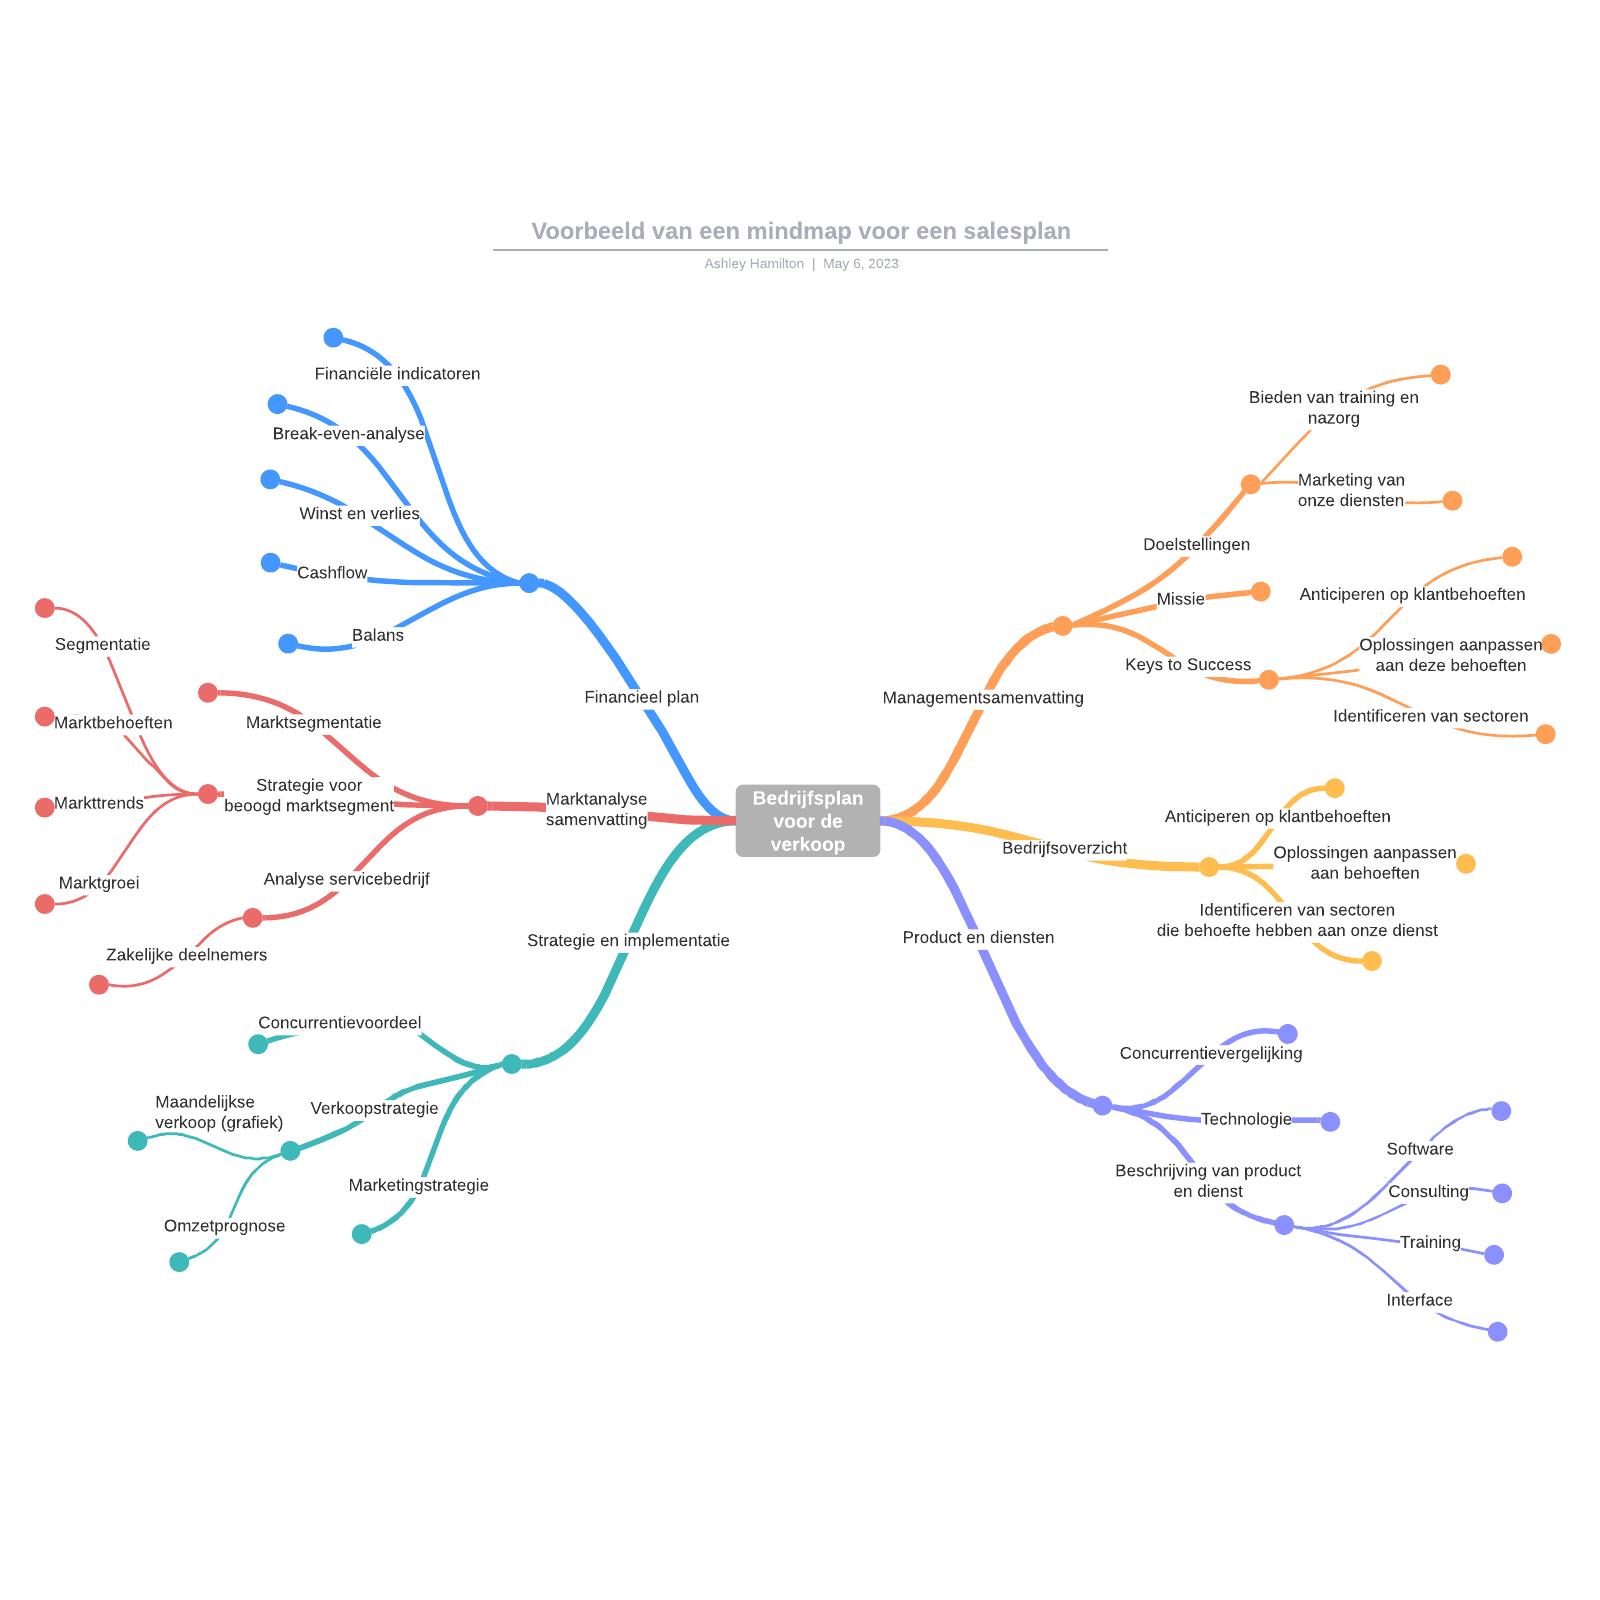 Voorbeeld van een mindmap voor een salesplan